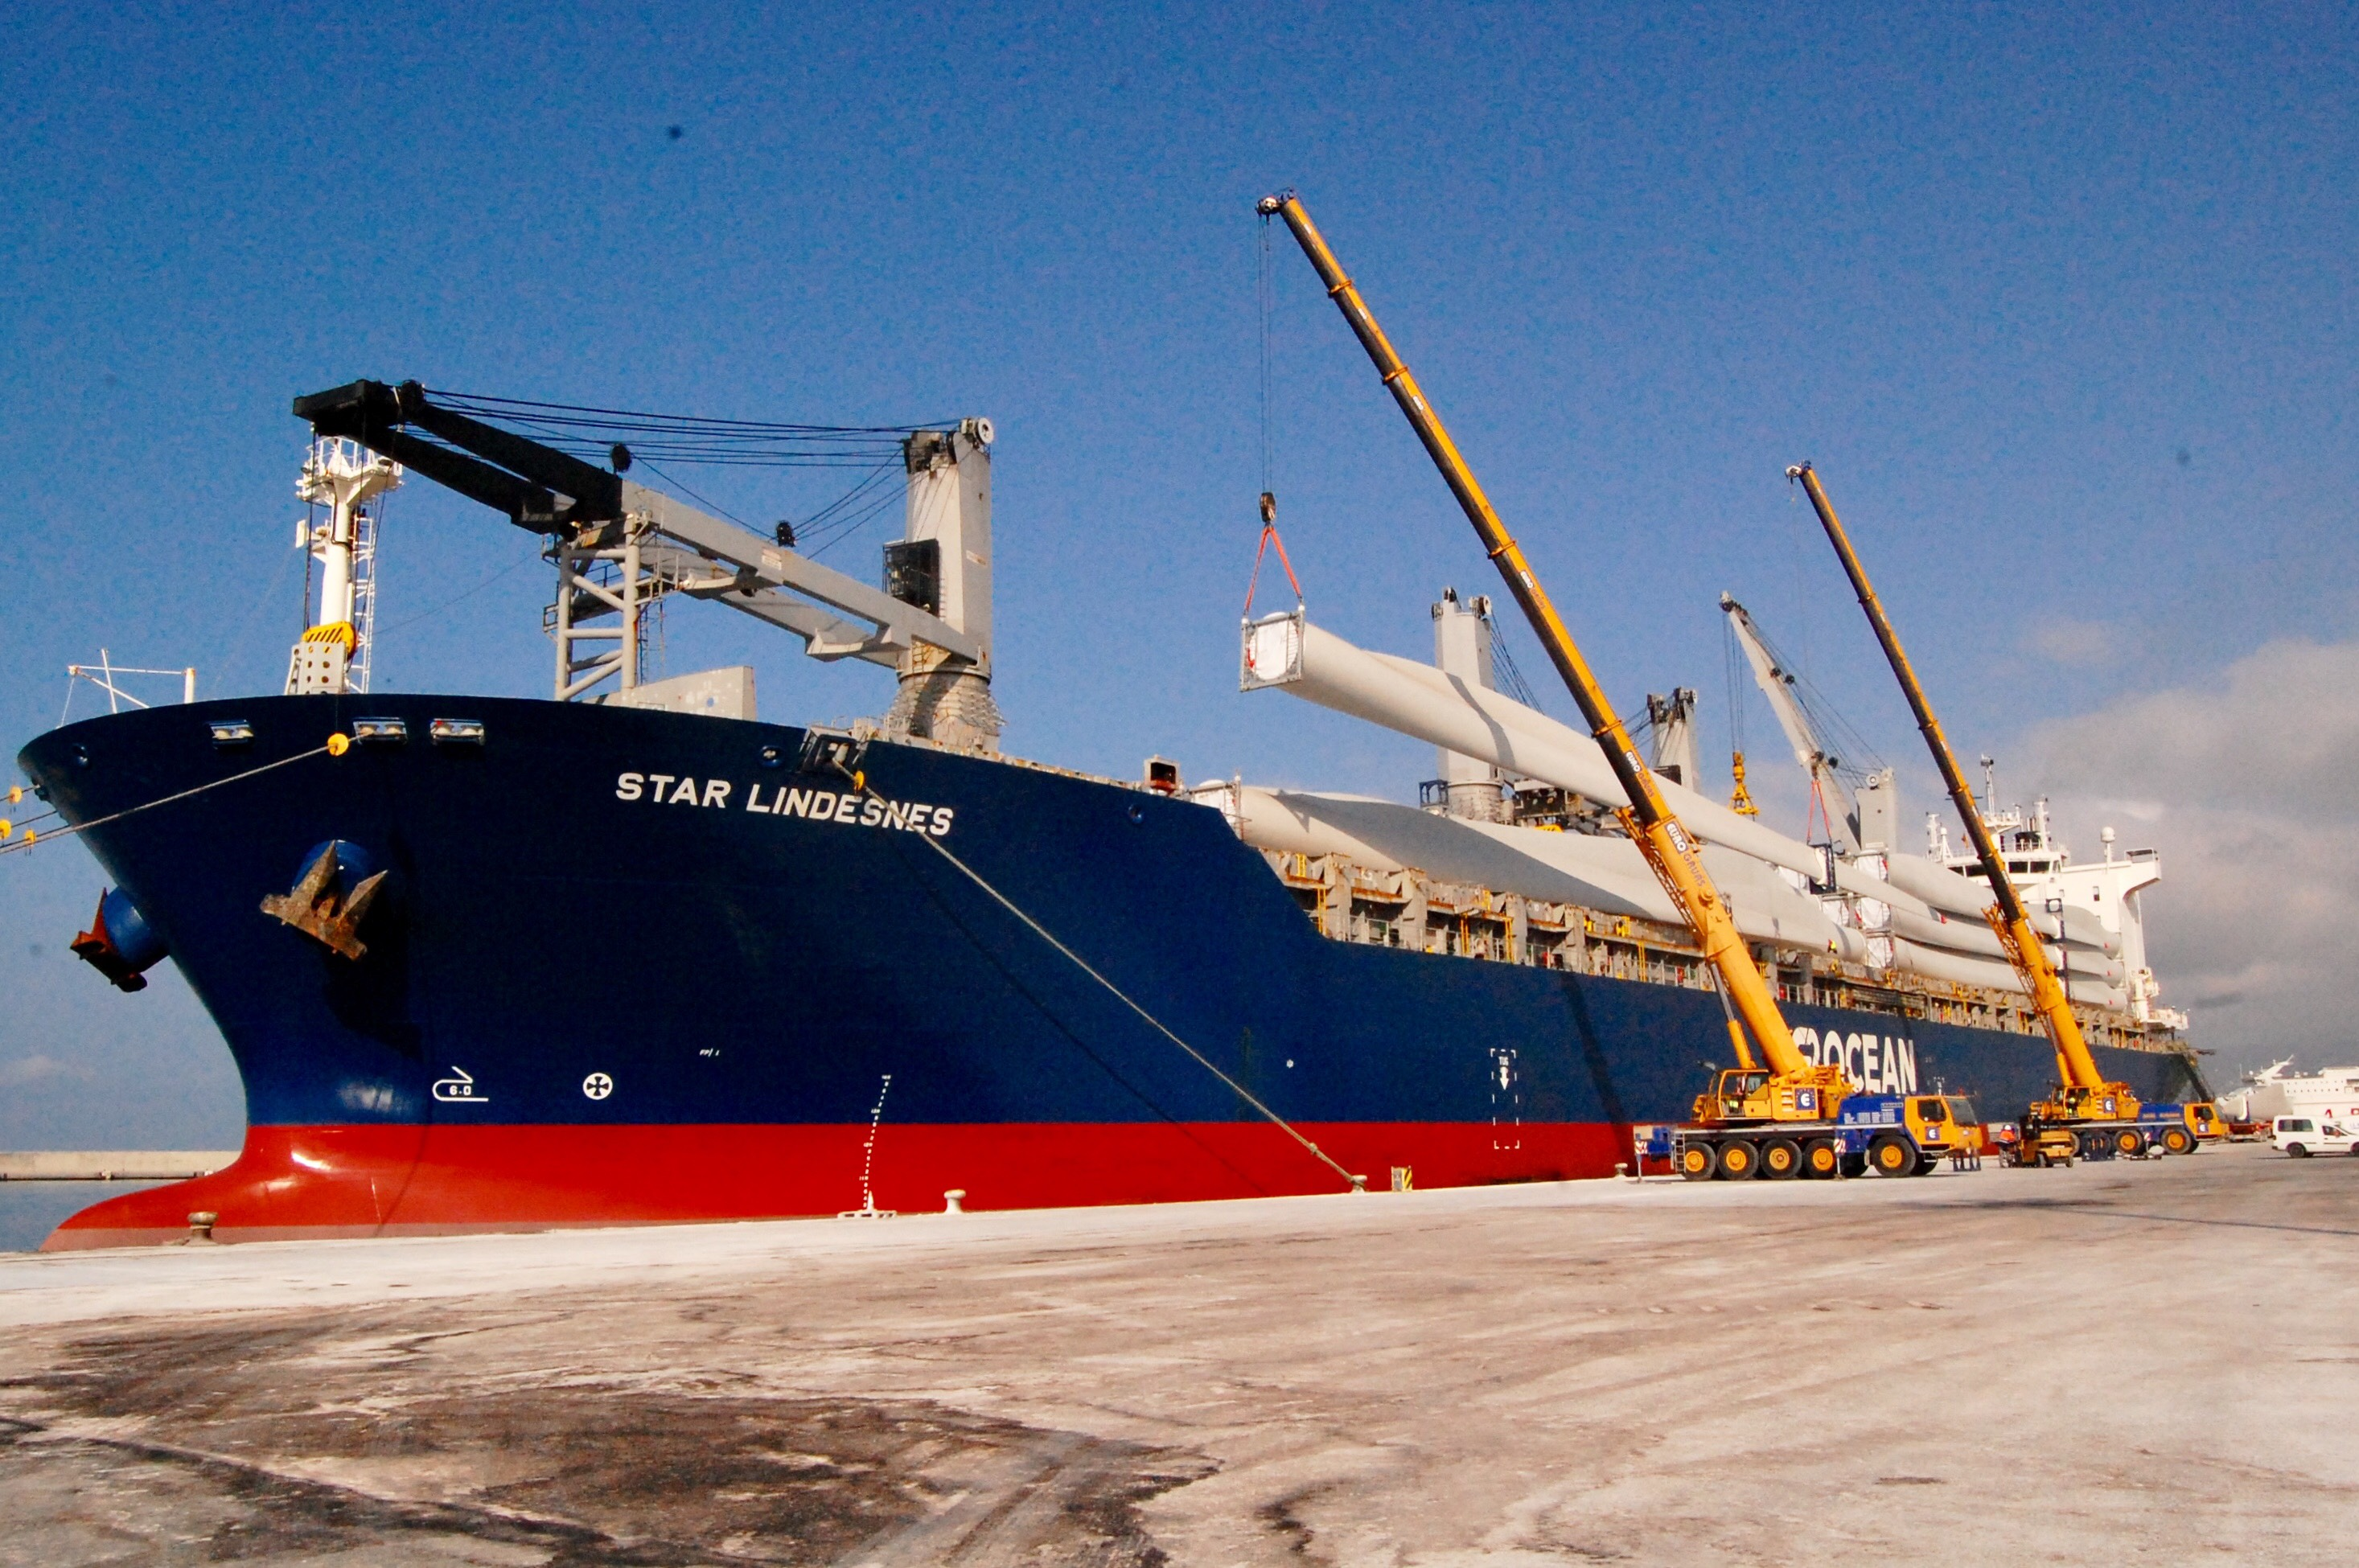 Carga de aspas en buque Star Lindesnes (Foto: El Faro)